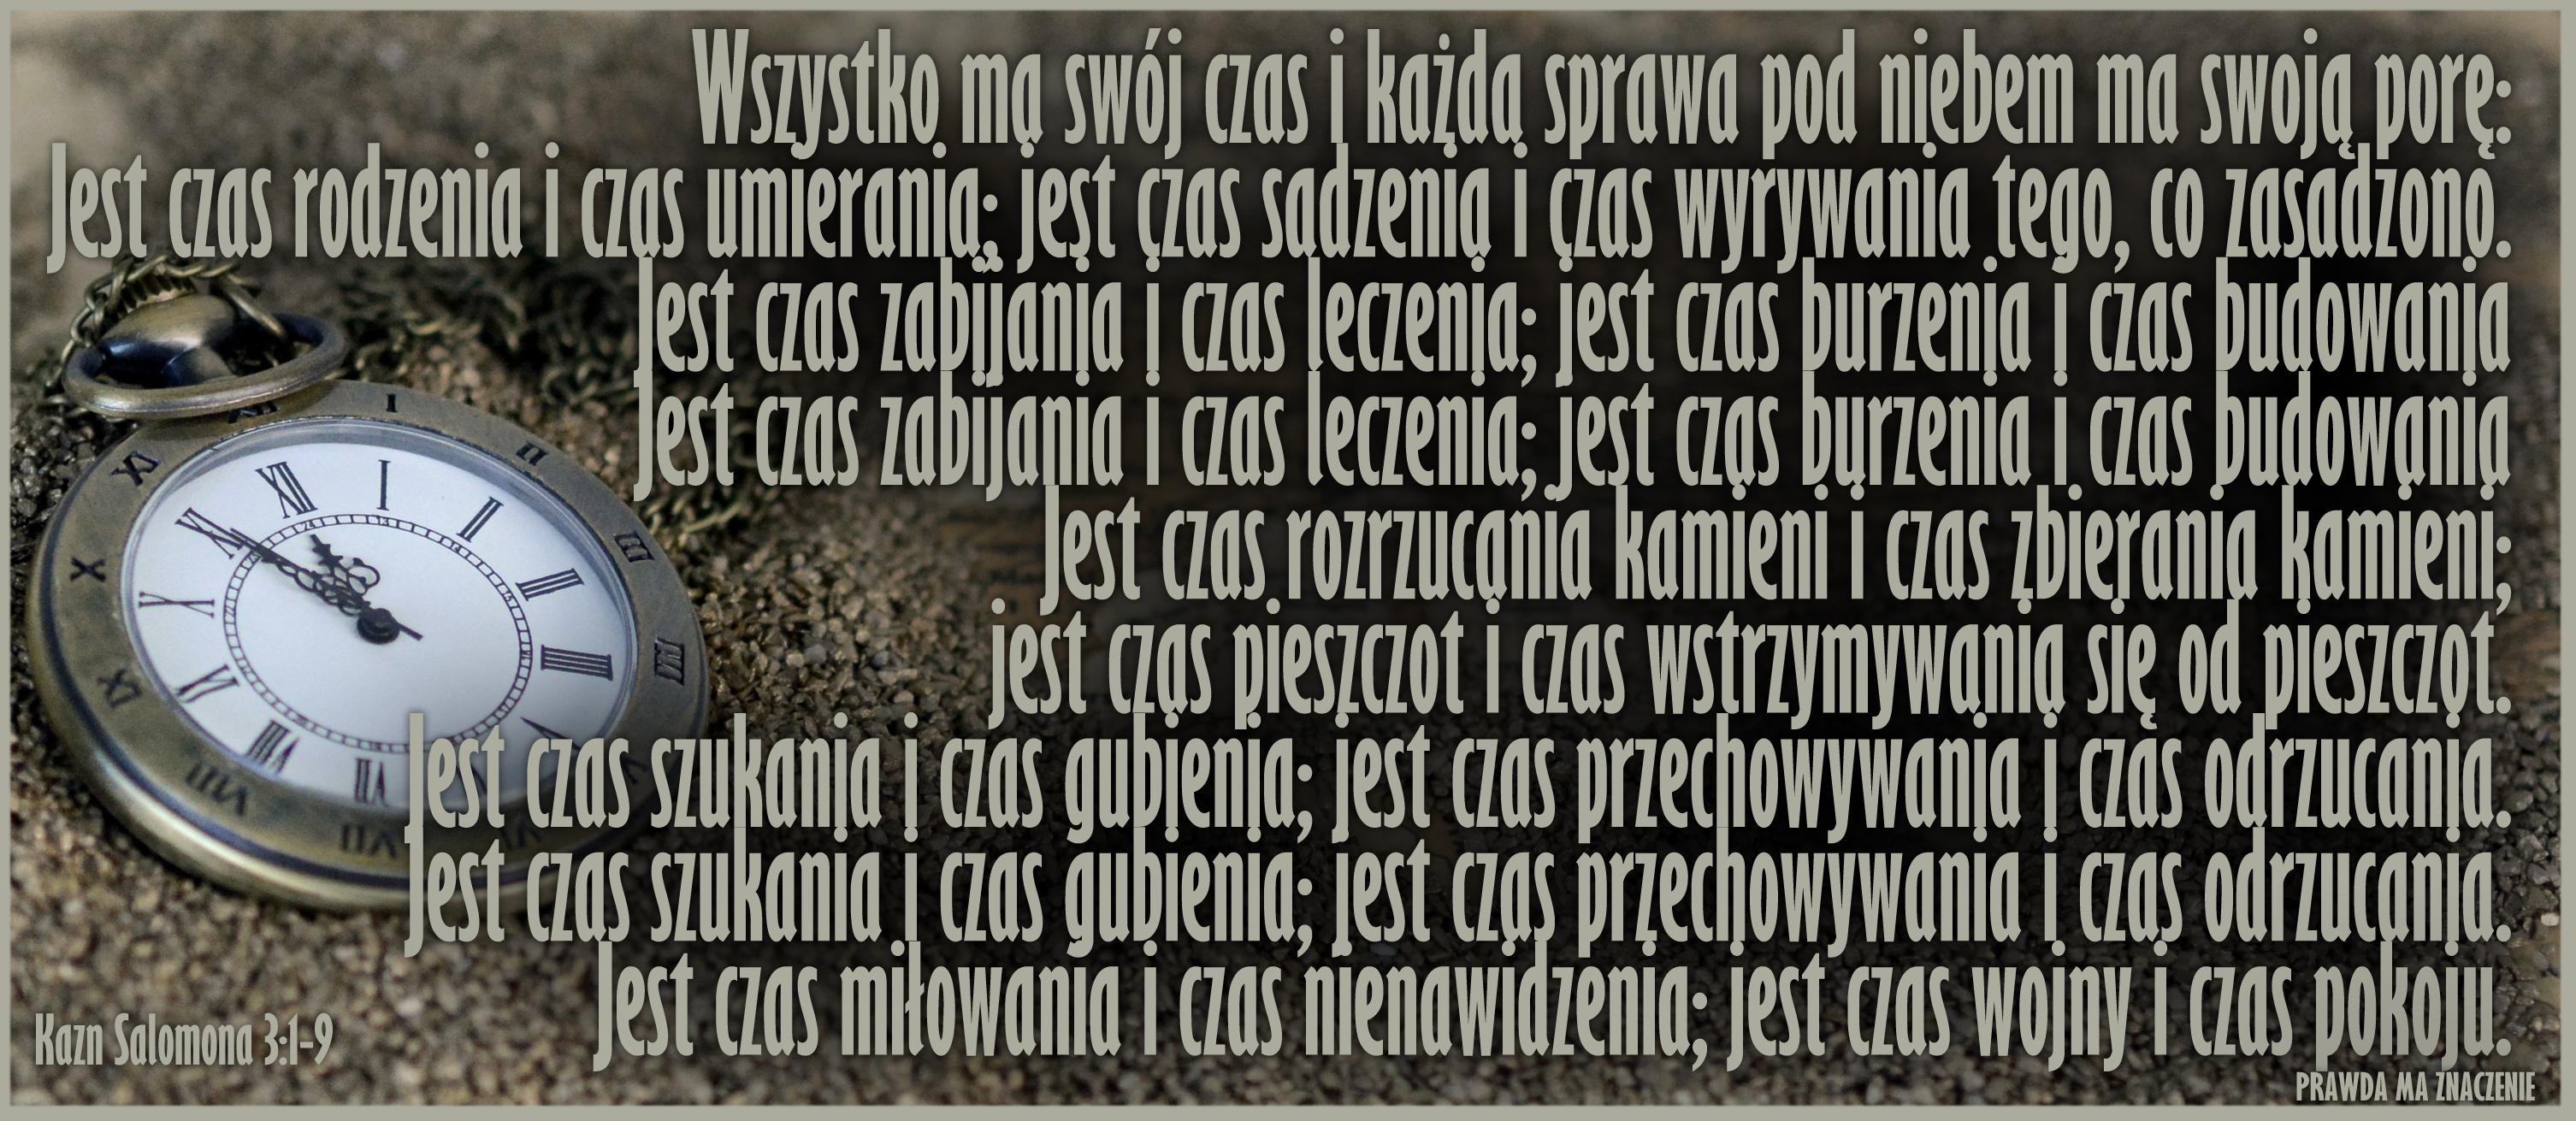 PRZYP SALO 3 1 9